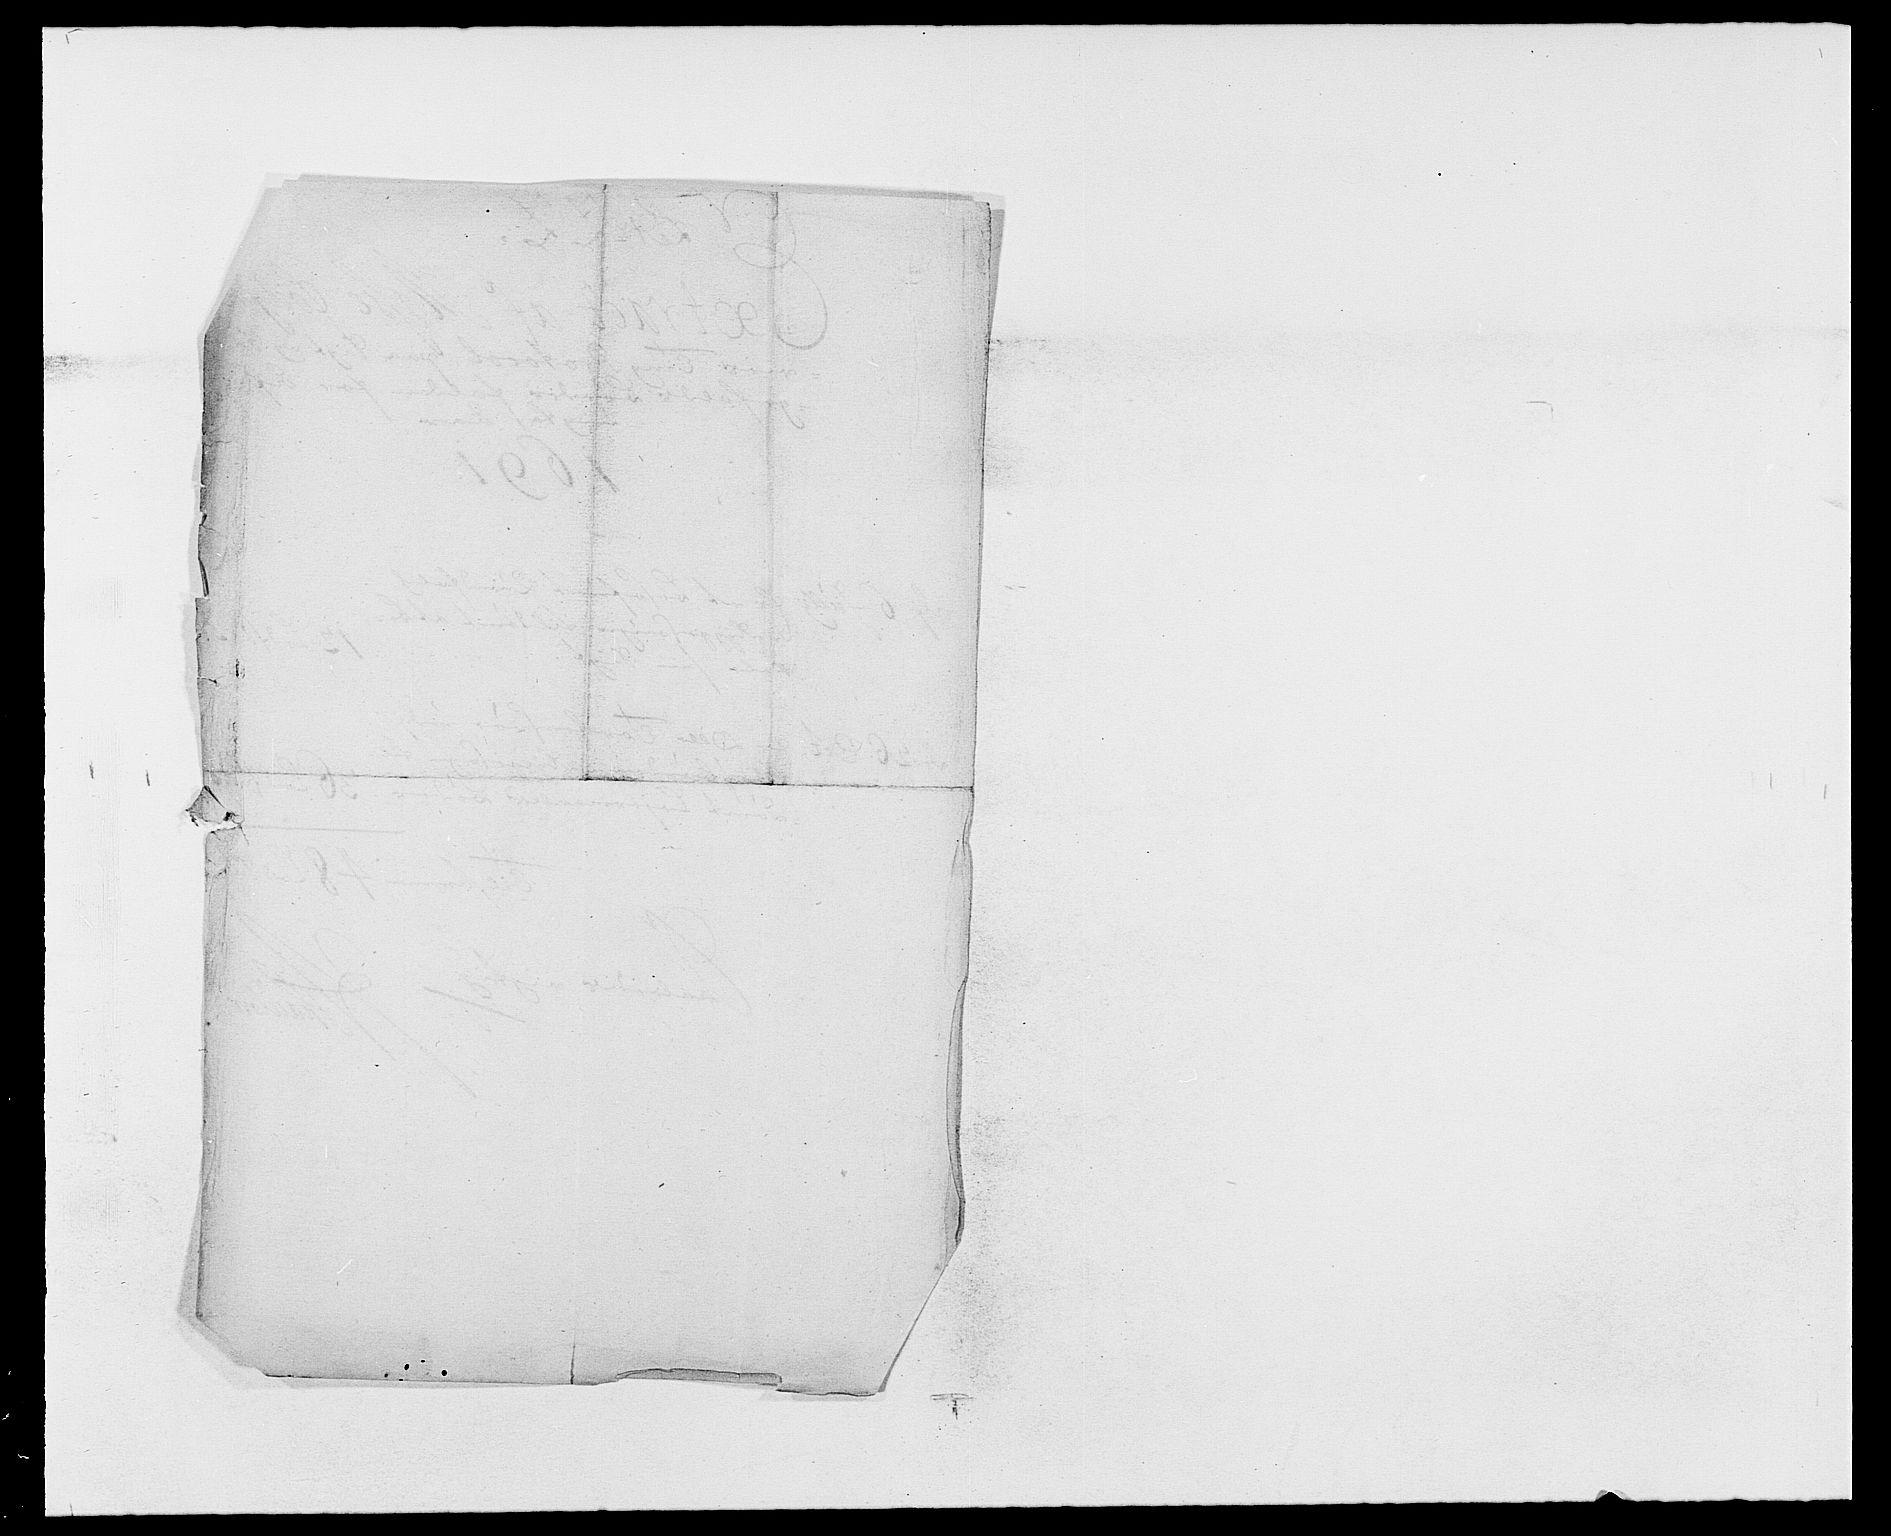 RA, Rentekammeret inntil 1814, Reviderte regnskaper, Fogderegnskap, R02/L0106: Fogderegnskap Moss og Verne kloster, 1688-1691, s. 484